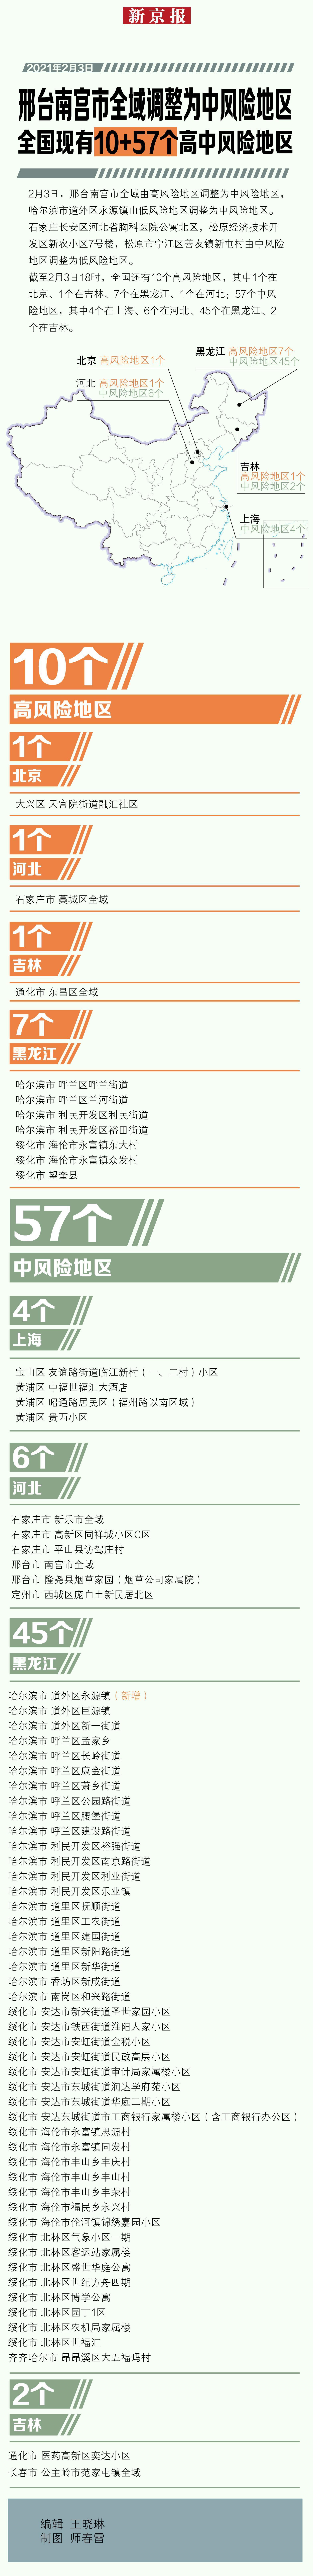 邢台南宫市调整为中风险地区 全国现有10+57个高中风险地区